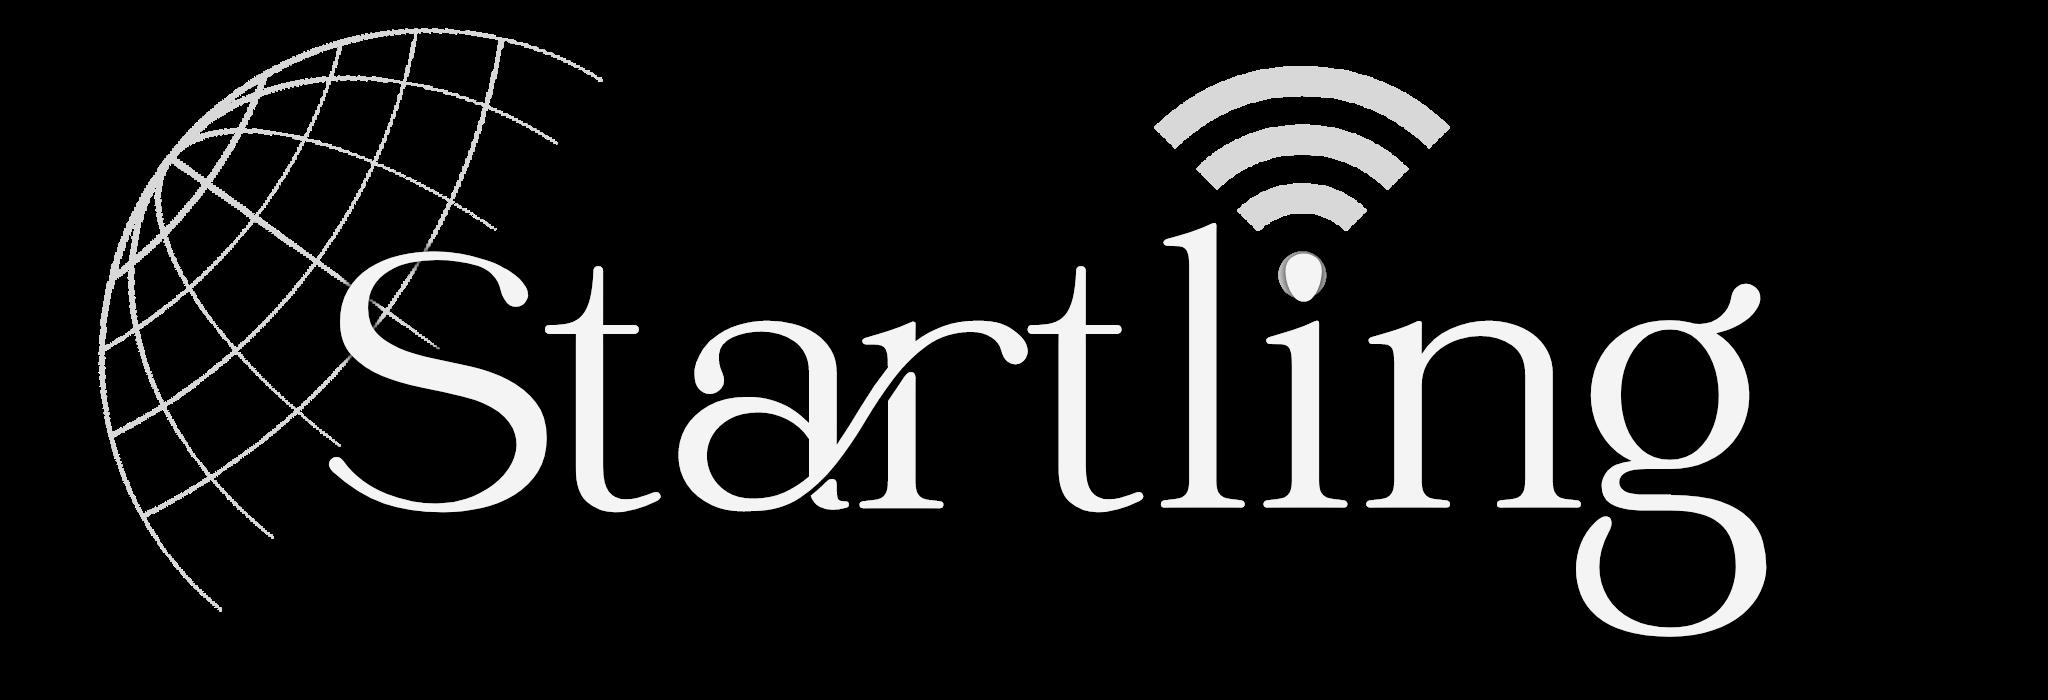 startling new logo white